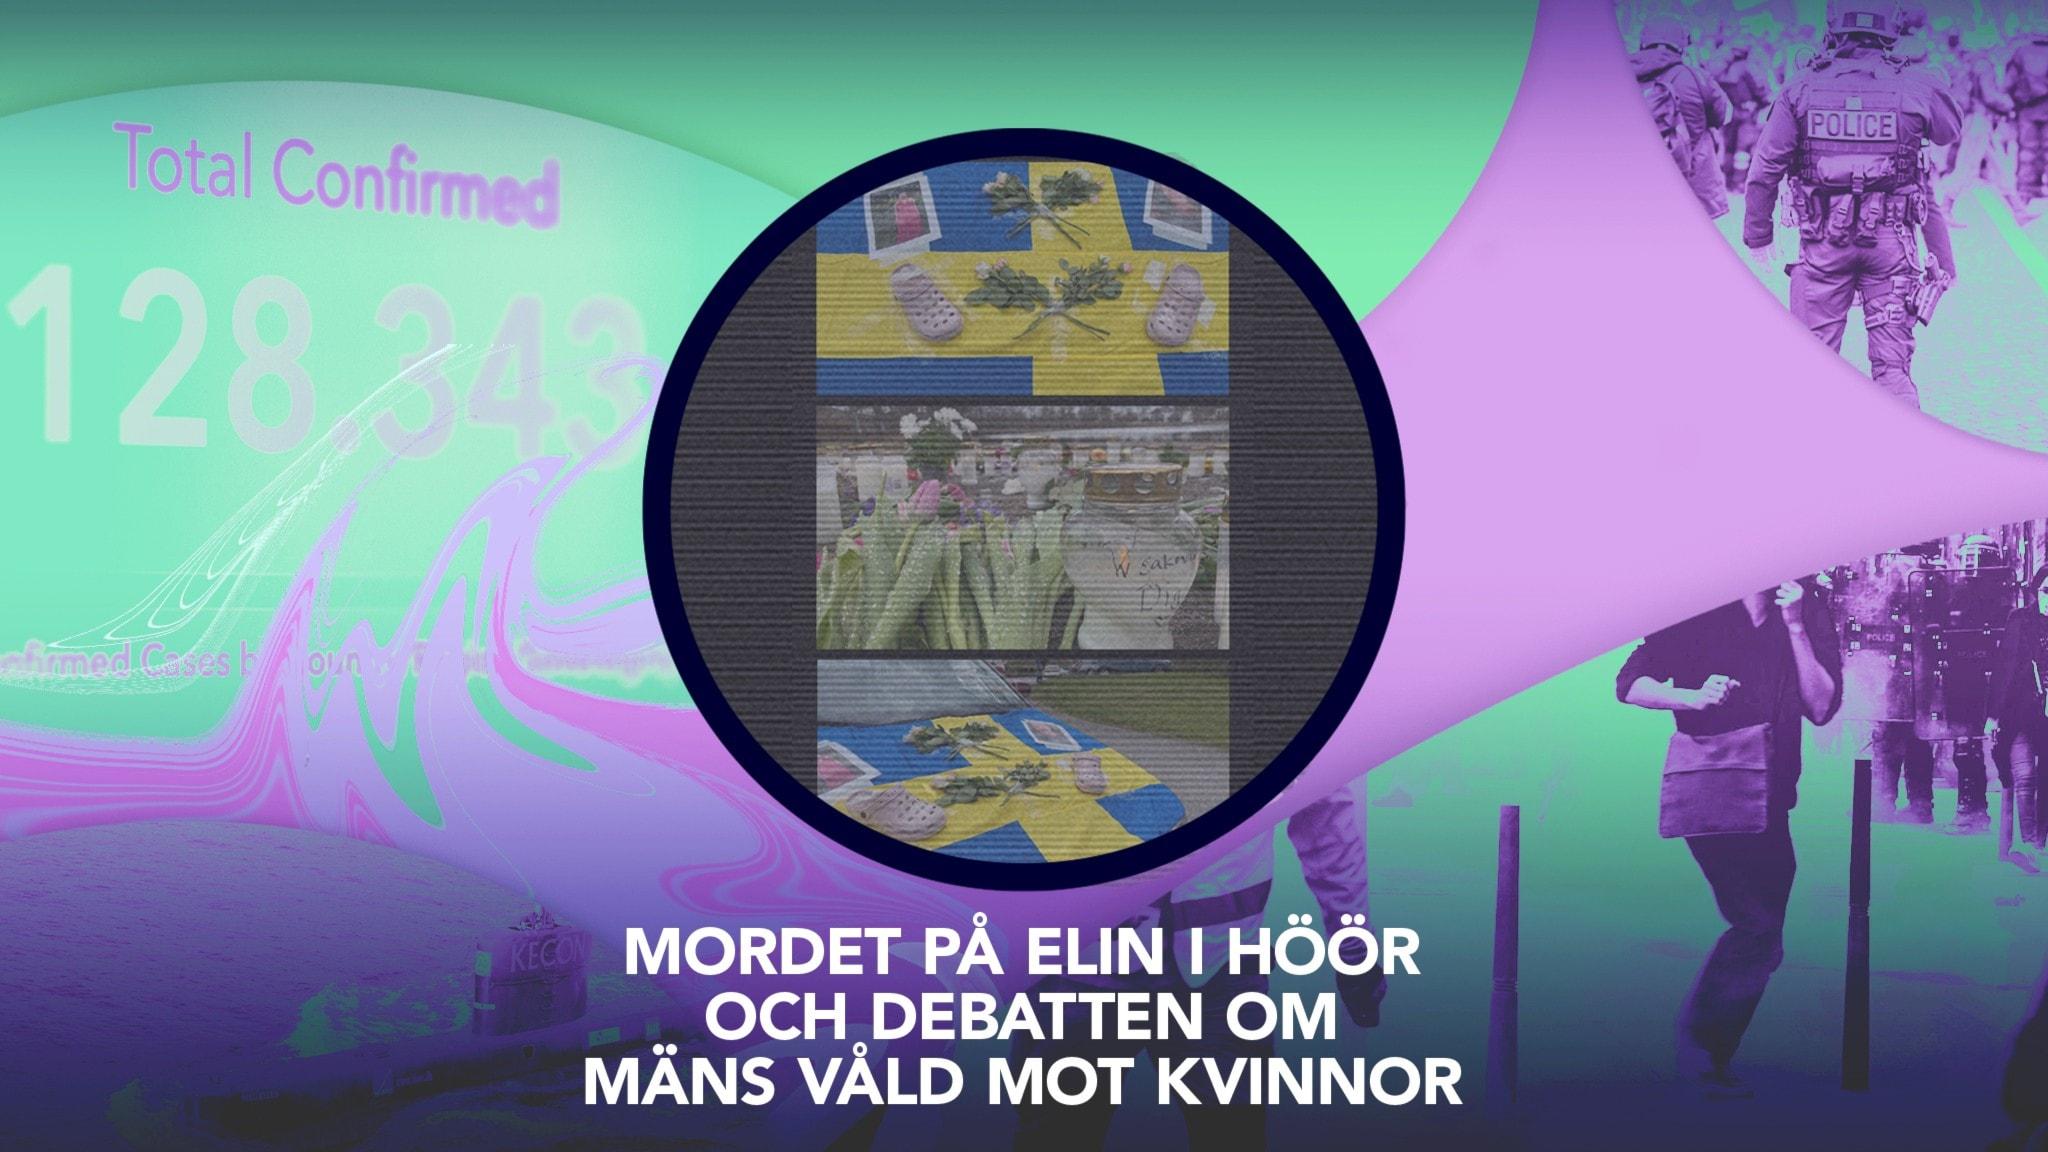 Mordet på Elin i Höör och debatten om mäns våld mot kvinnor.